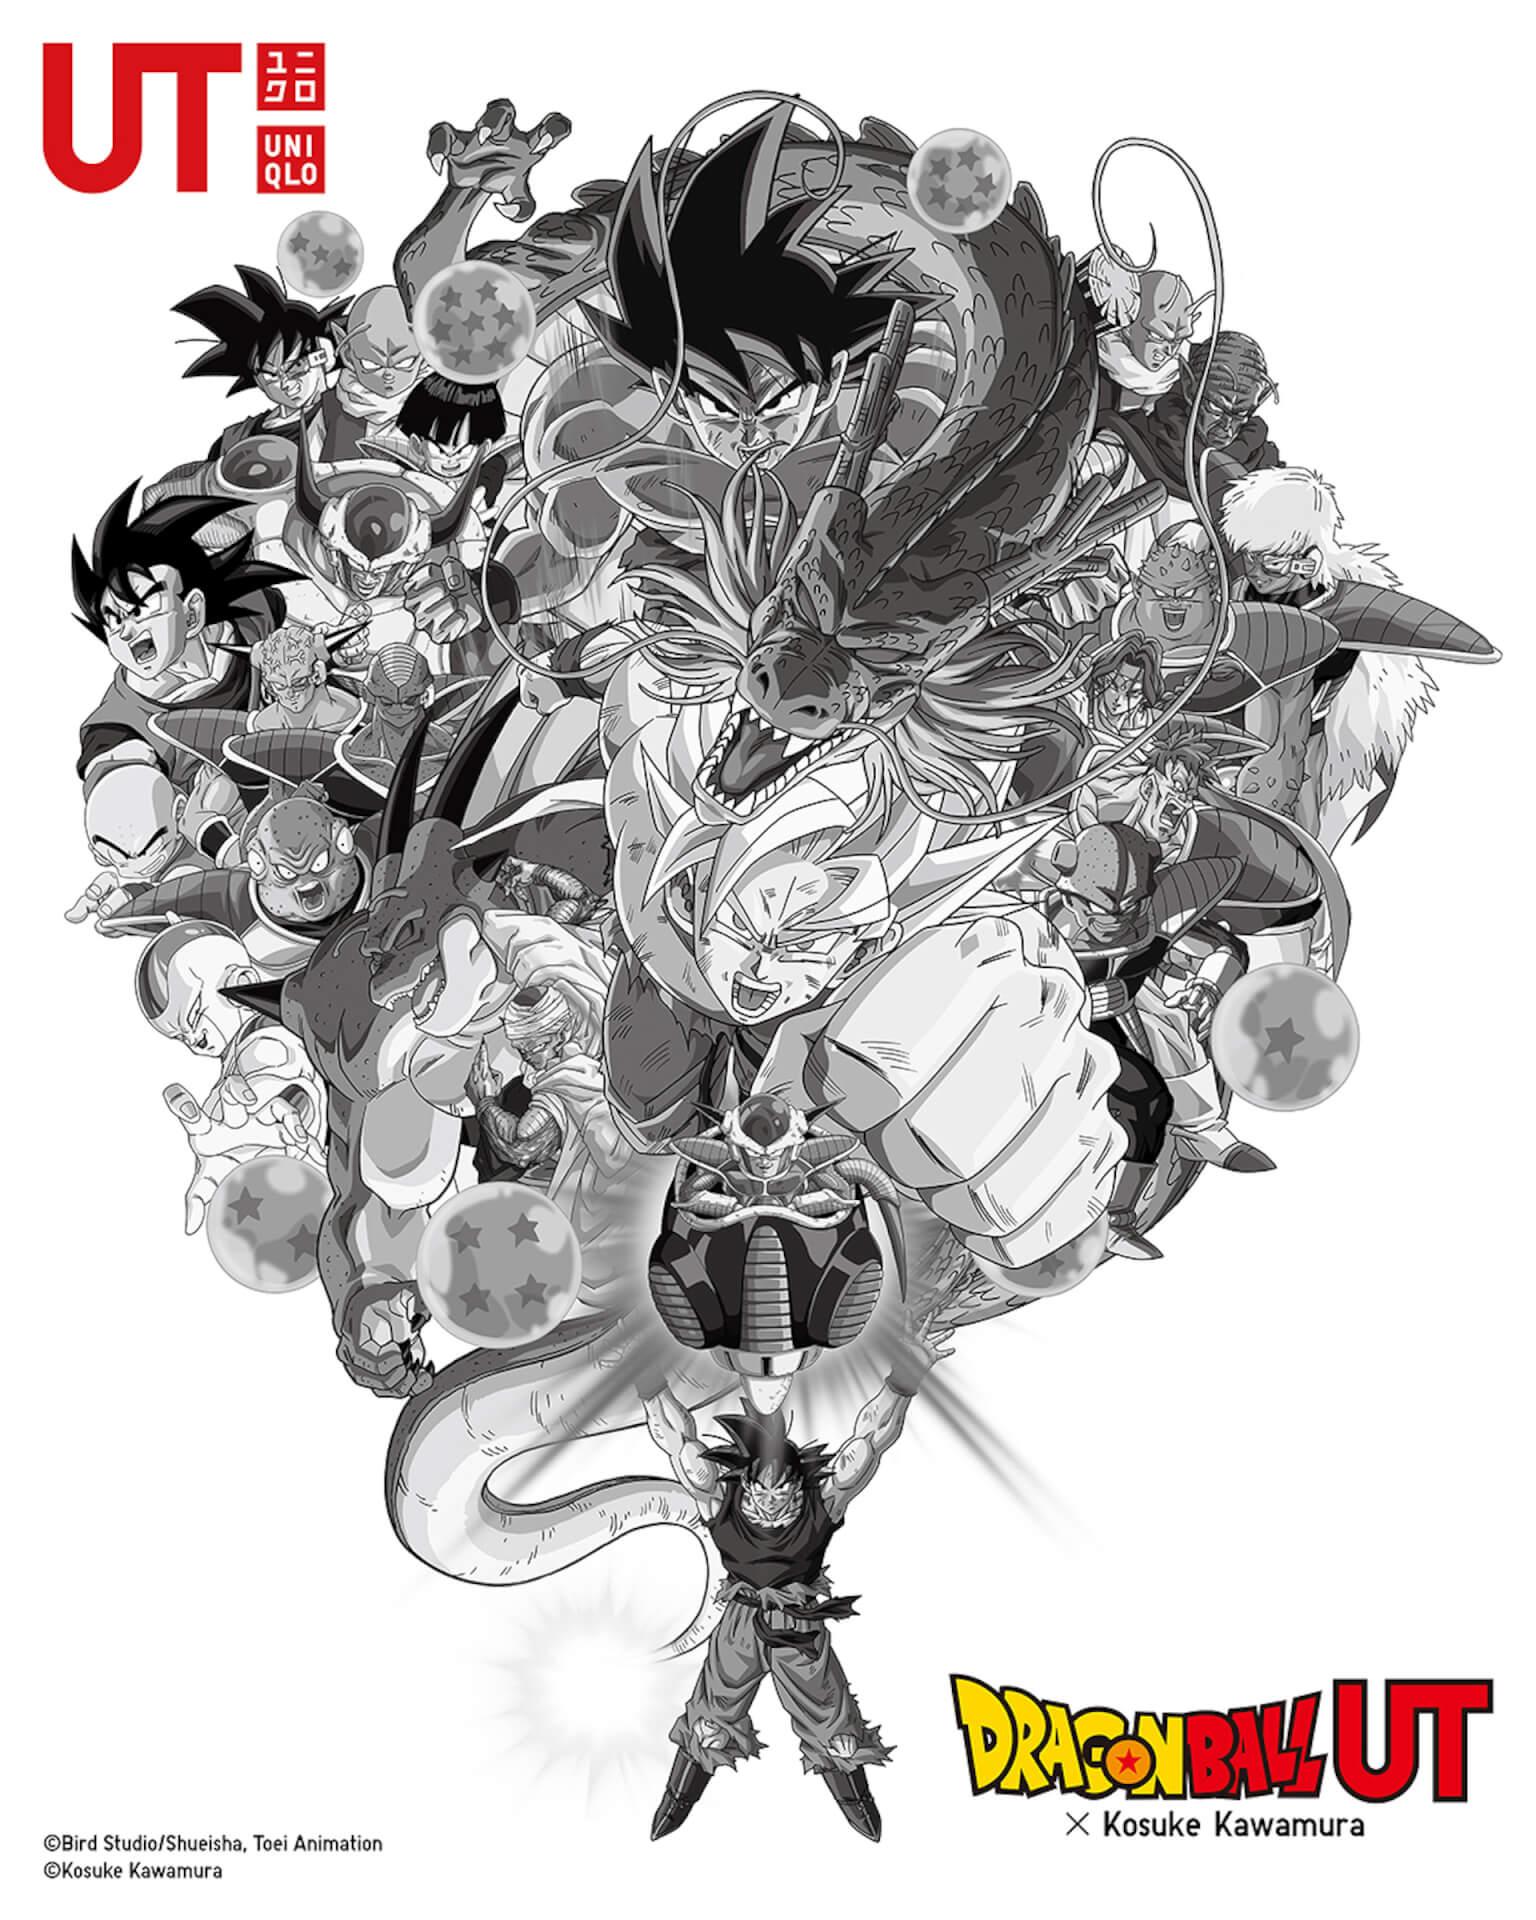 ユニクロUTに「ドラゴンボールZ」が登場!コラージュアーティスト河村康輔とのコラボアイテムが発売 life190917_dragonball_ut_main